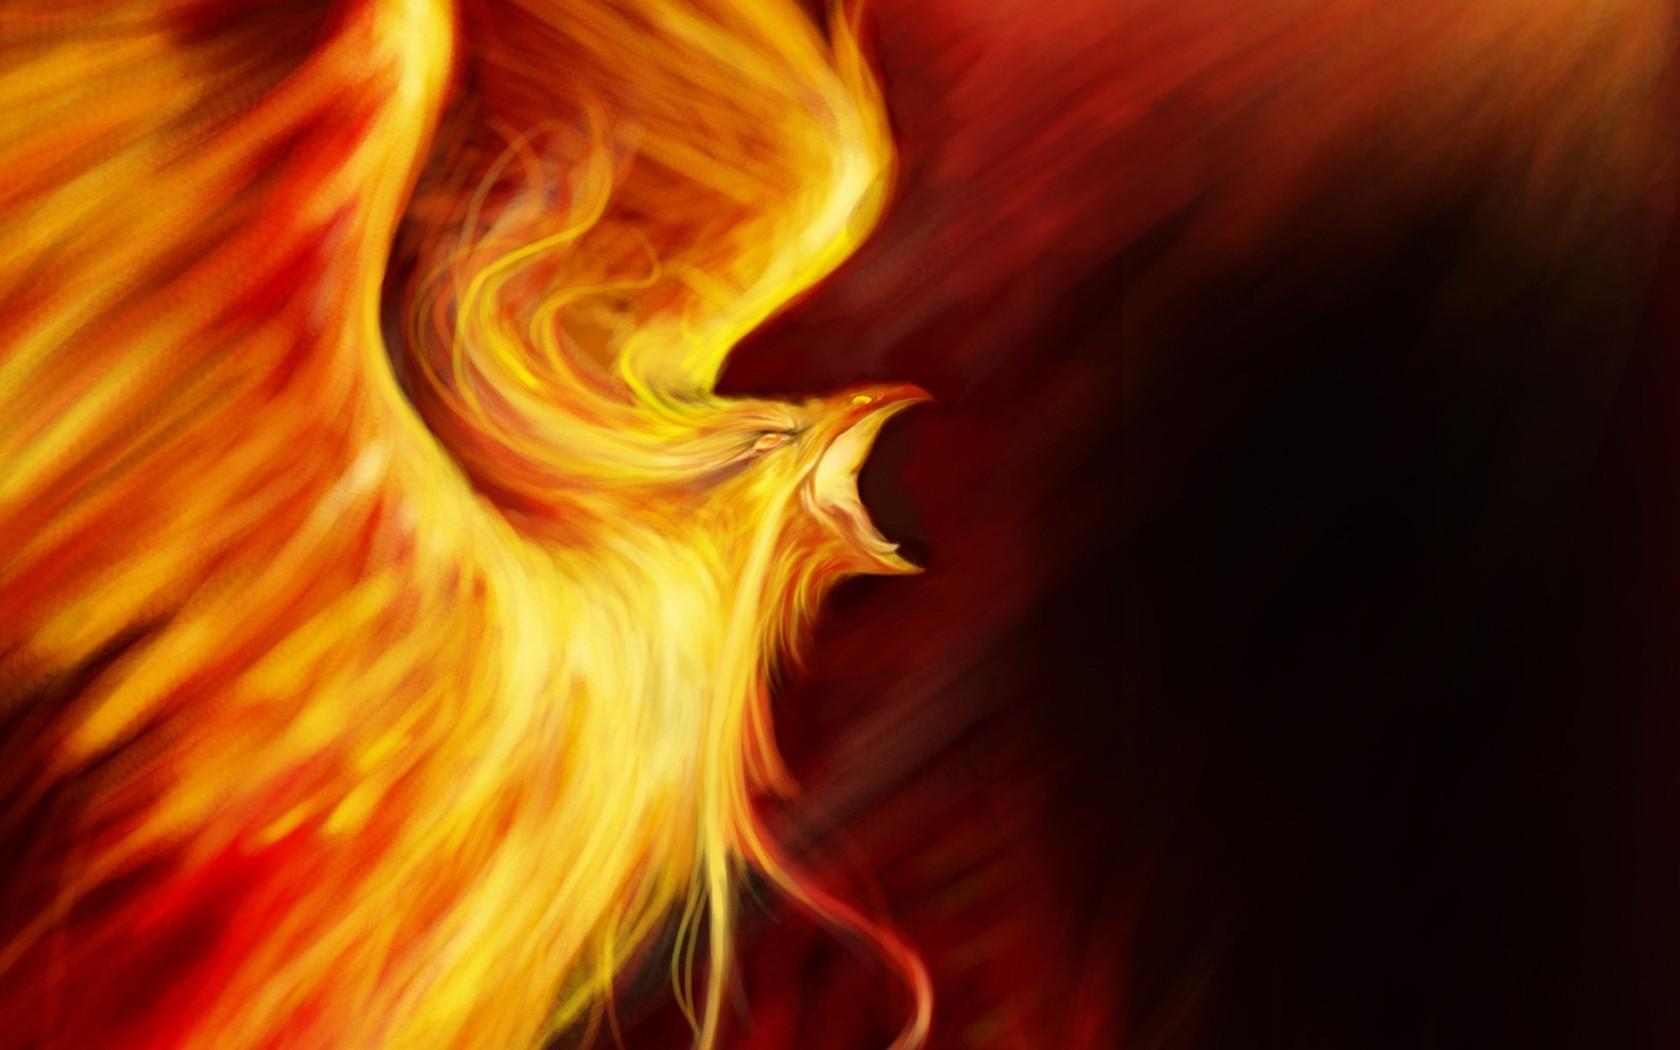 download phoenix bird wallpaper which is under the birds wallpapers 1680x1050